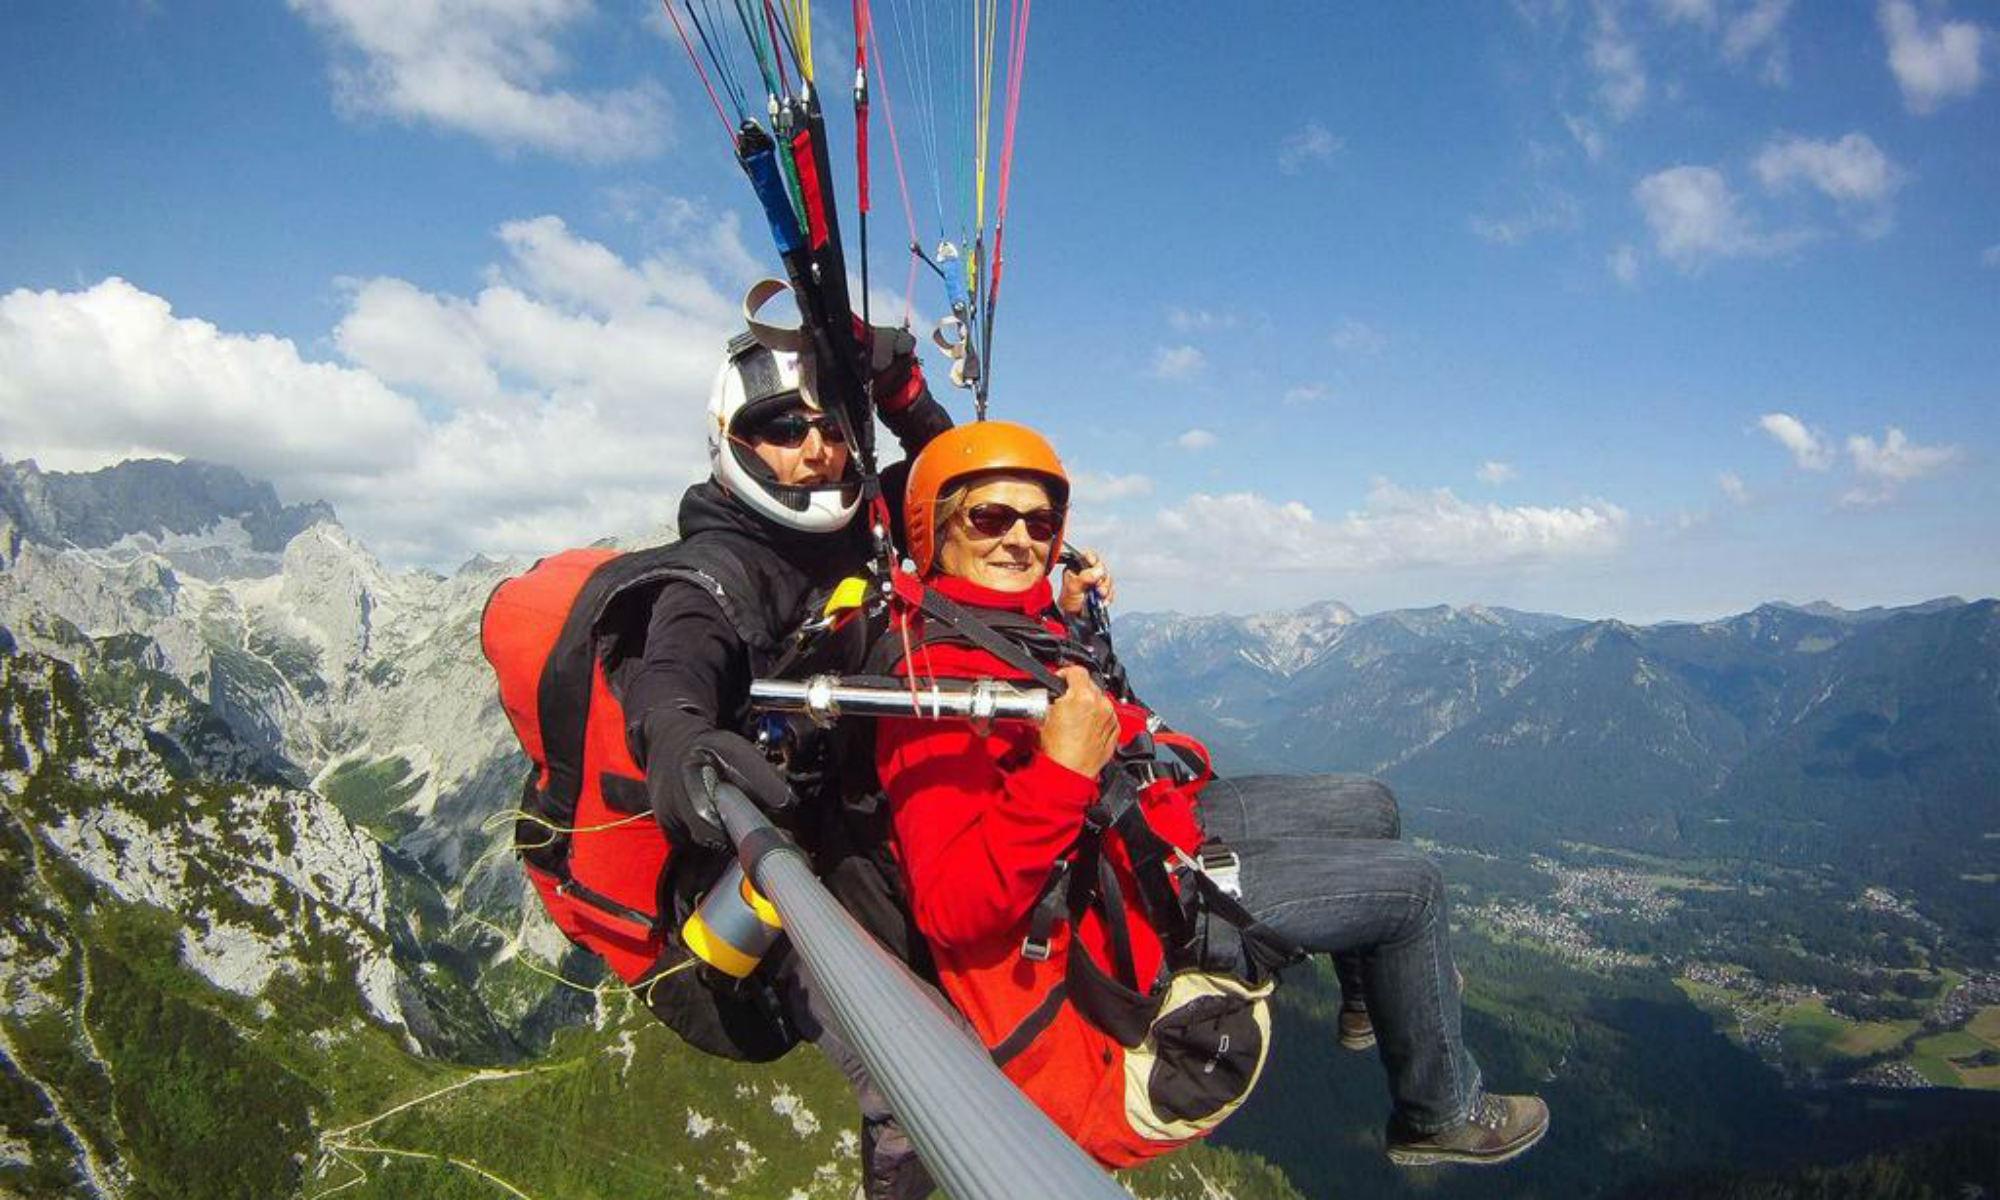 Eine Frau und ein Mann während eines Paragliding Flugs in Garmisch-Partenkirchen.